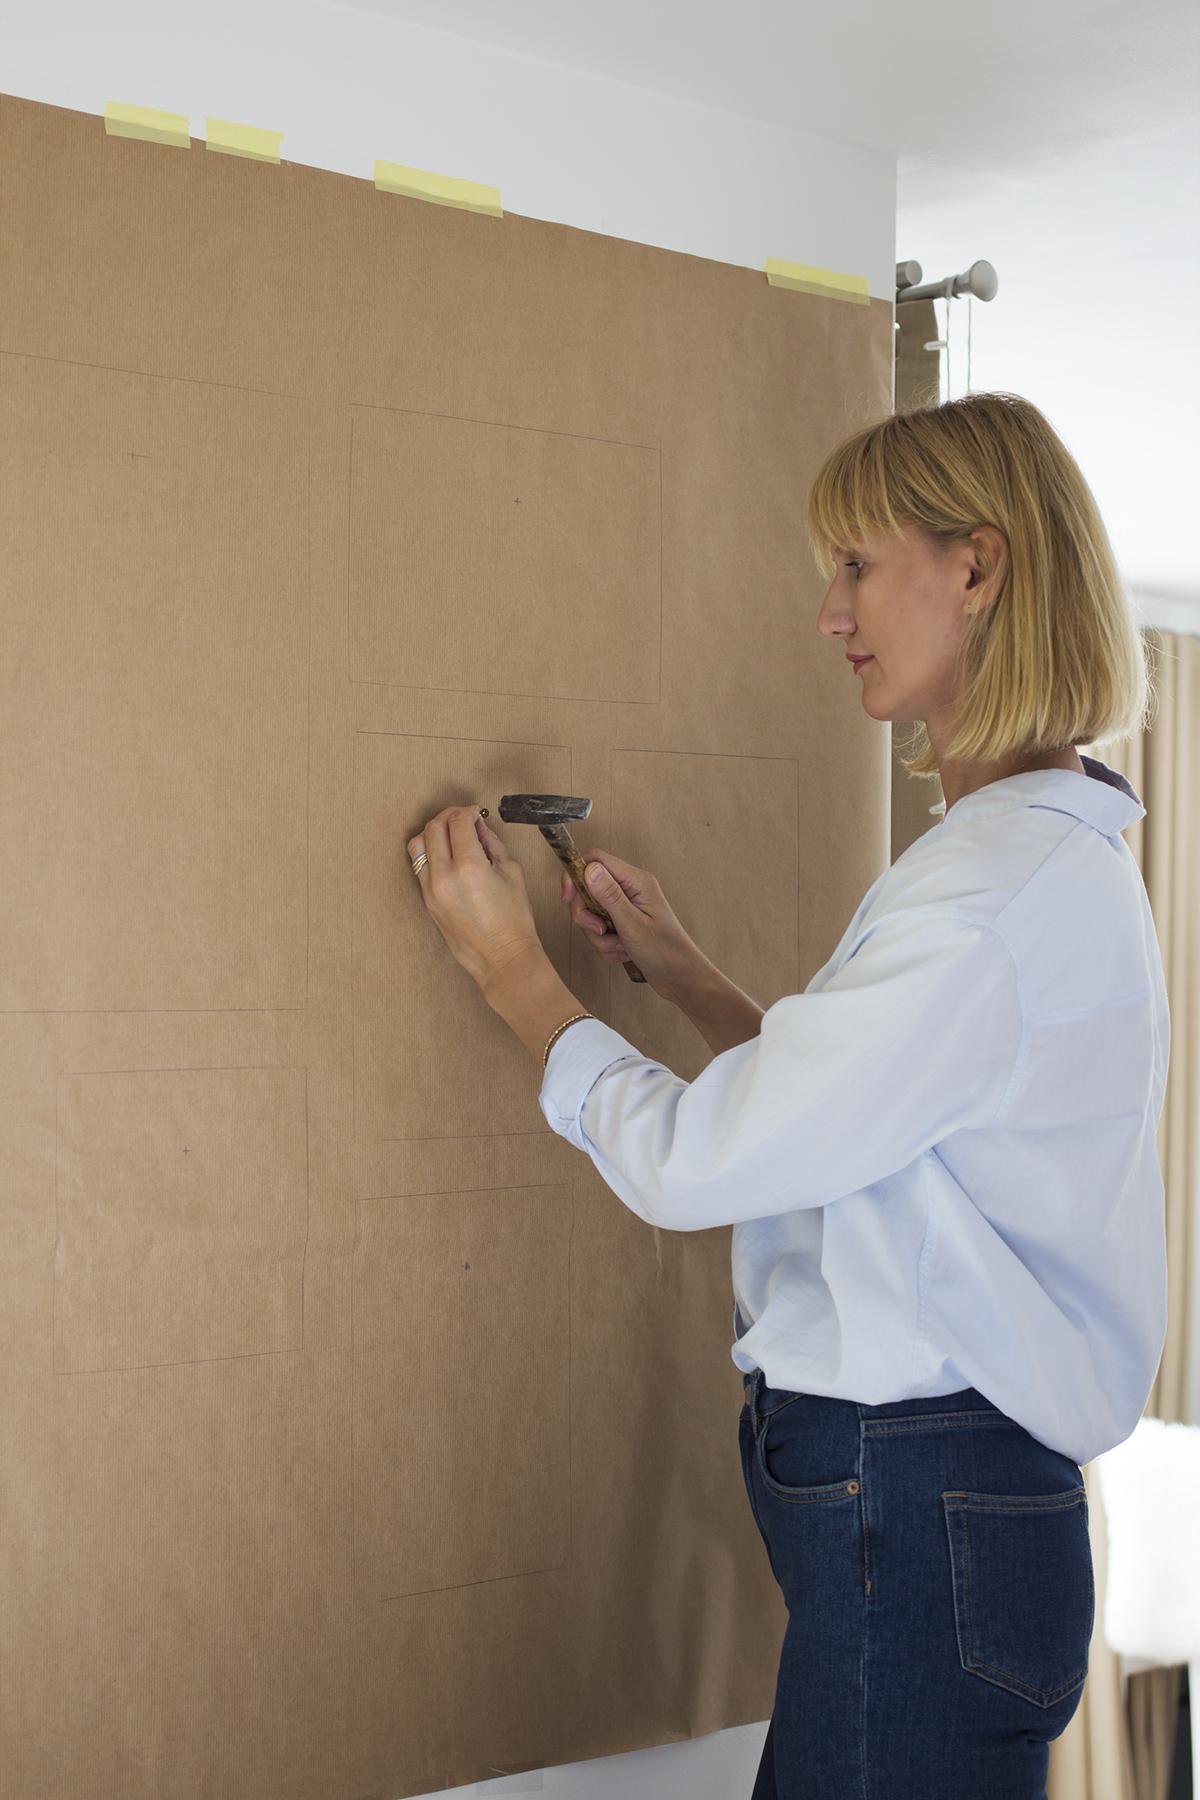 jak stworzyć galerię ścienną krok po kroku